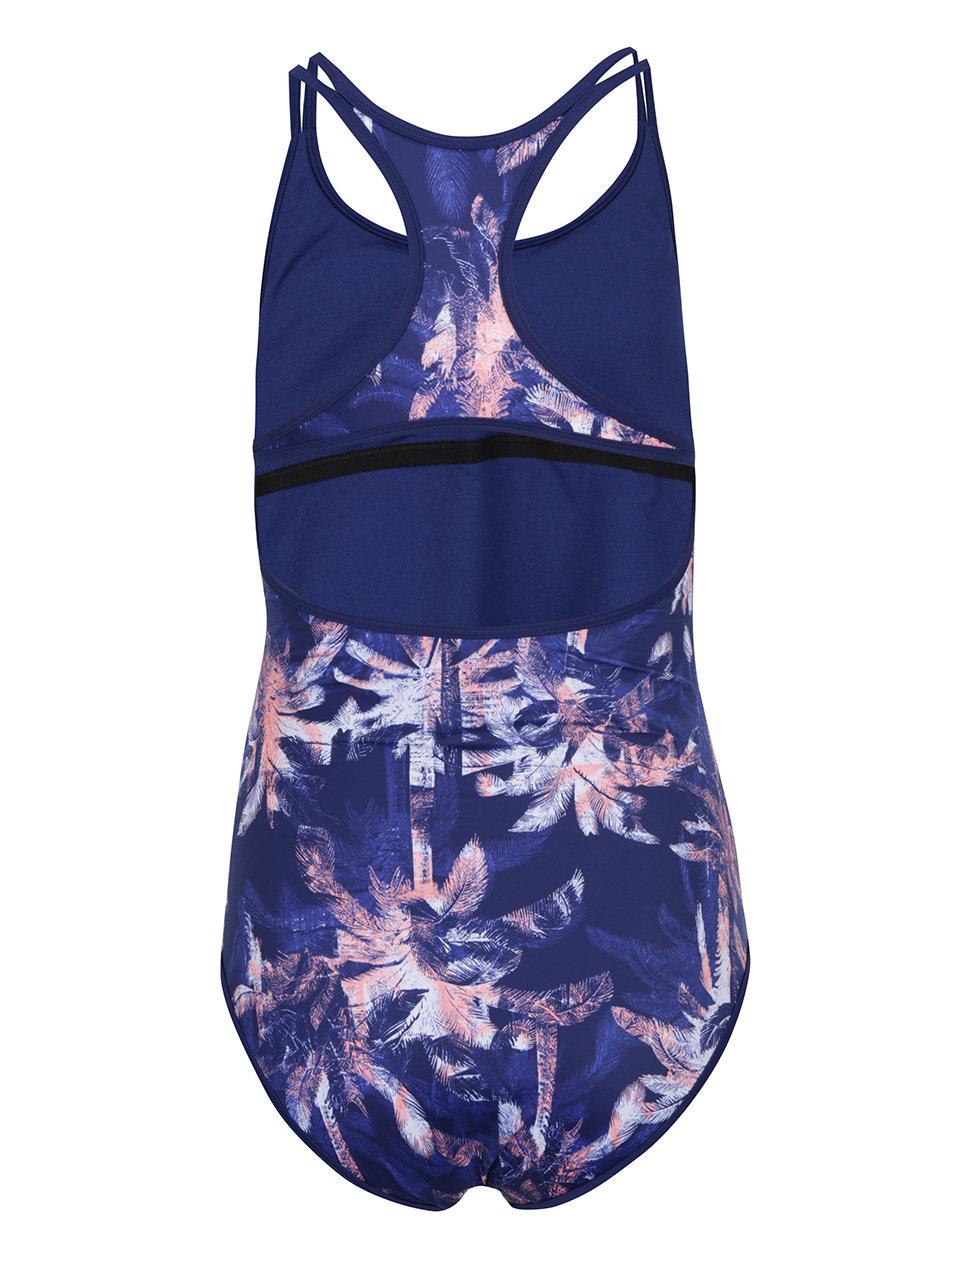 3a0ec096bf7 Modré dámské jednodílné plavky s tropickým vzorem Roxy Kir ...